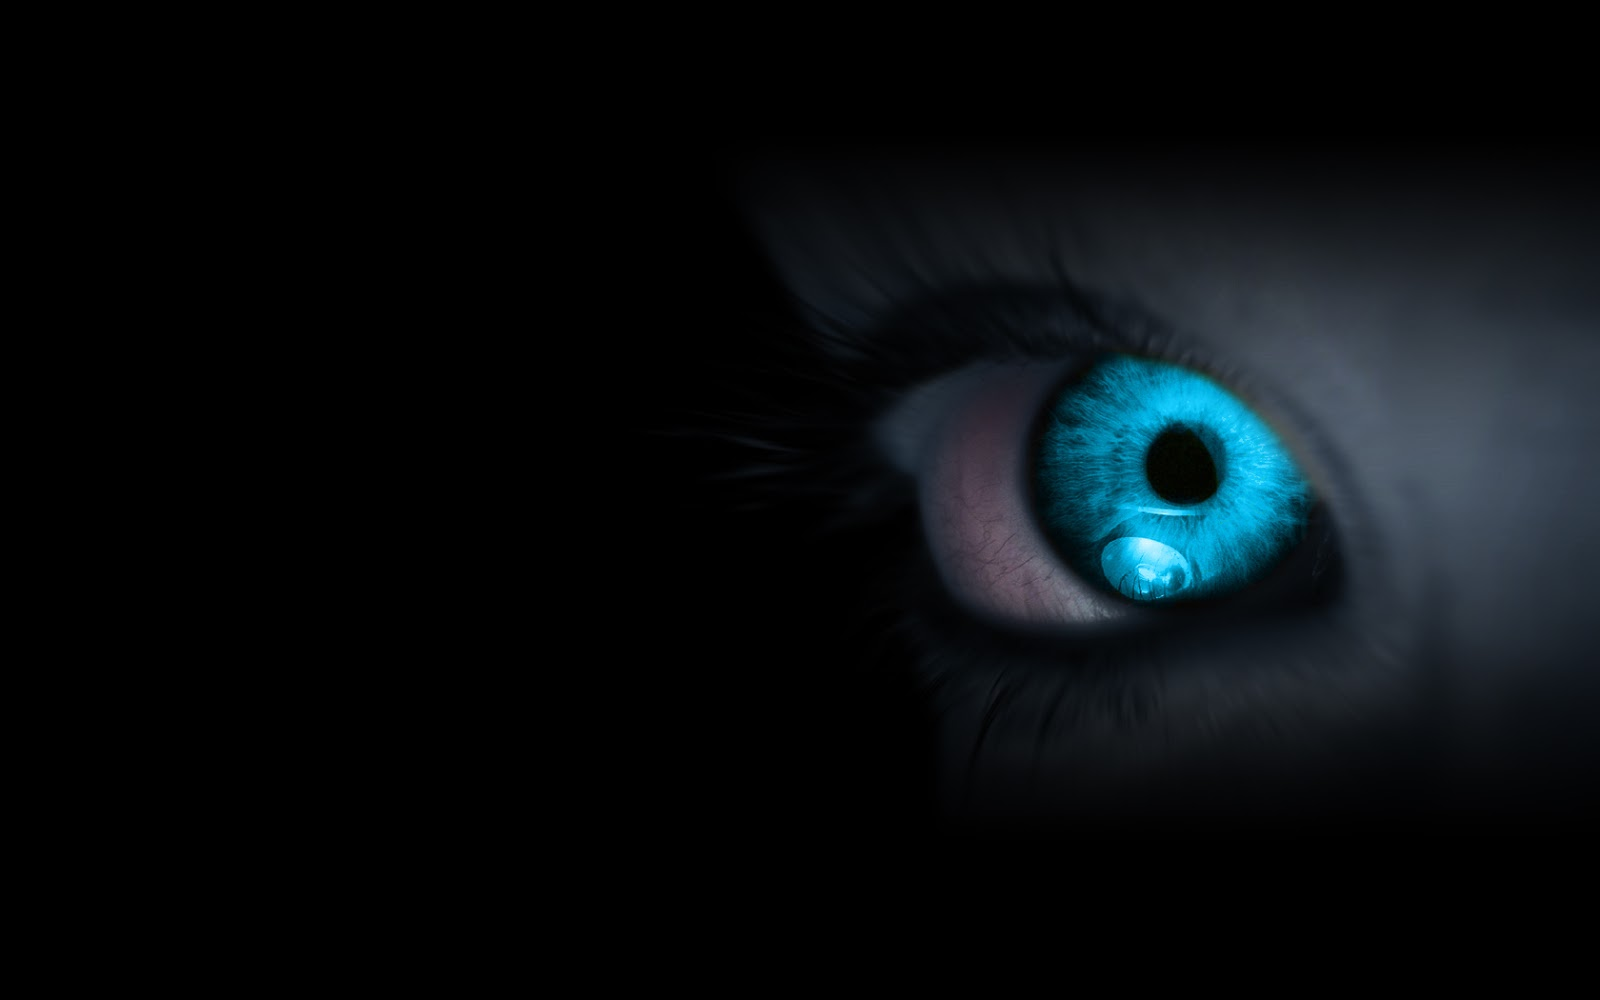 http://4.bp.blogspot.com/-WKvbKsHE20k/UIm-ncvkr0I/AAAAAAAACos/V2hhBS6ZBGA/s1600/Un+ojo+azul+en+la+oscuridad.jpg